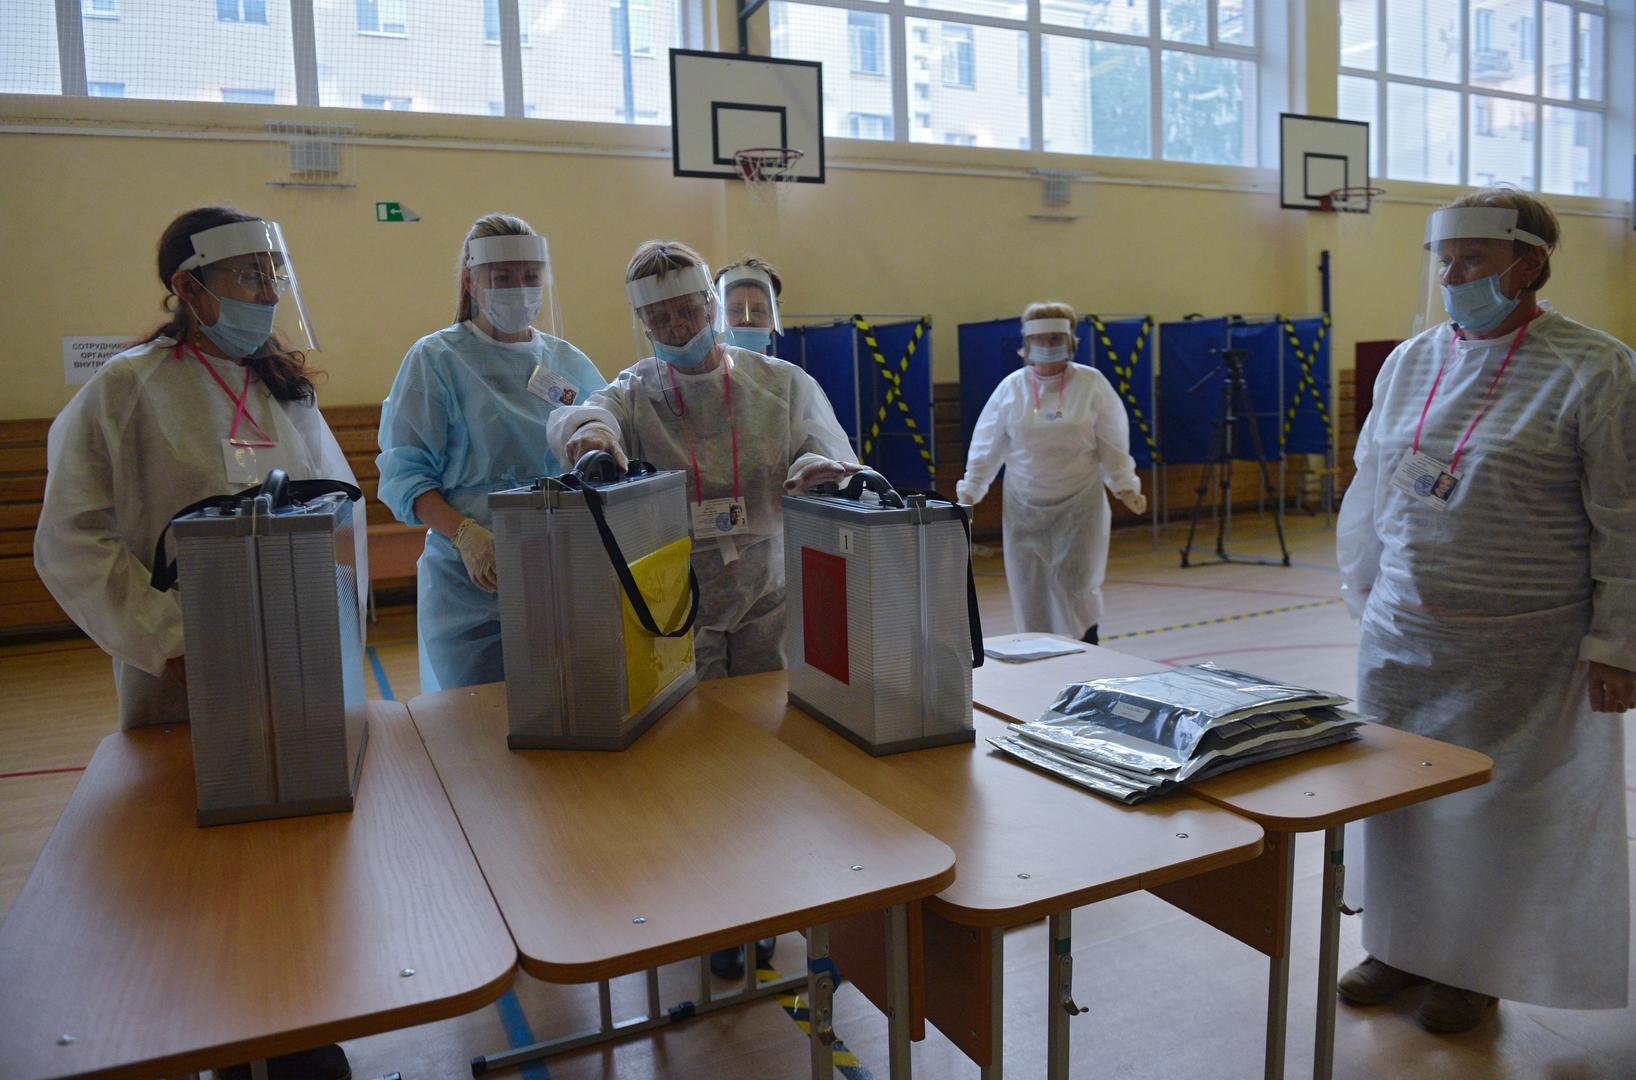 أعضاء في لجنة الانتخابات المركزية الروسية يفرزون الأصوات في استفتاء على التعديلات الدستورية